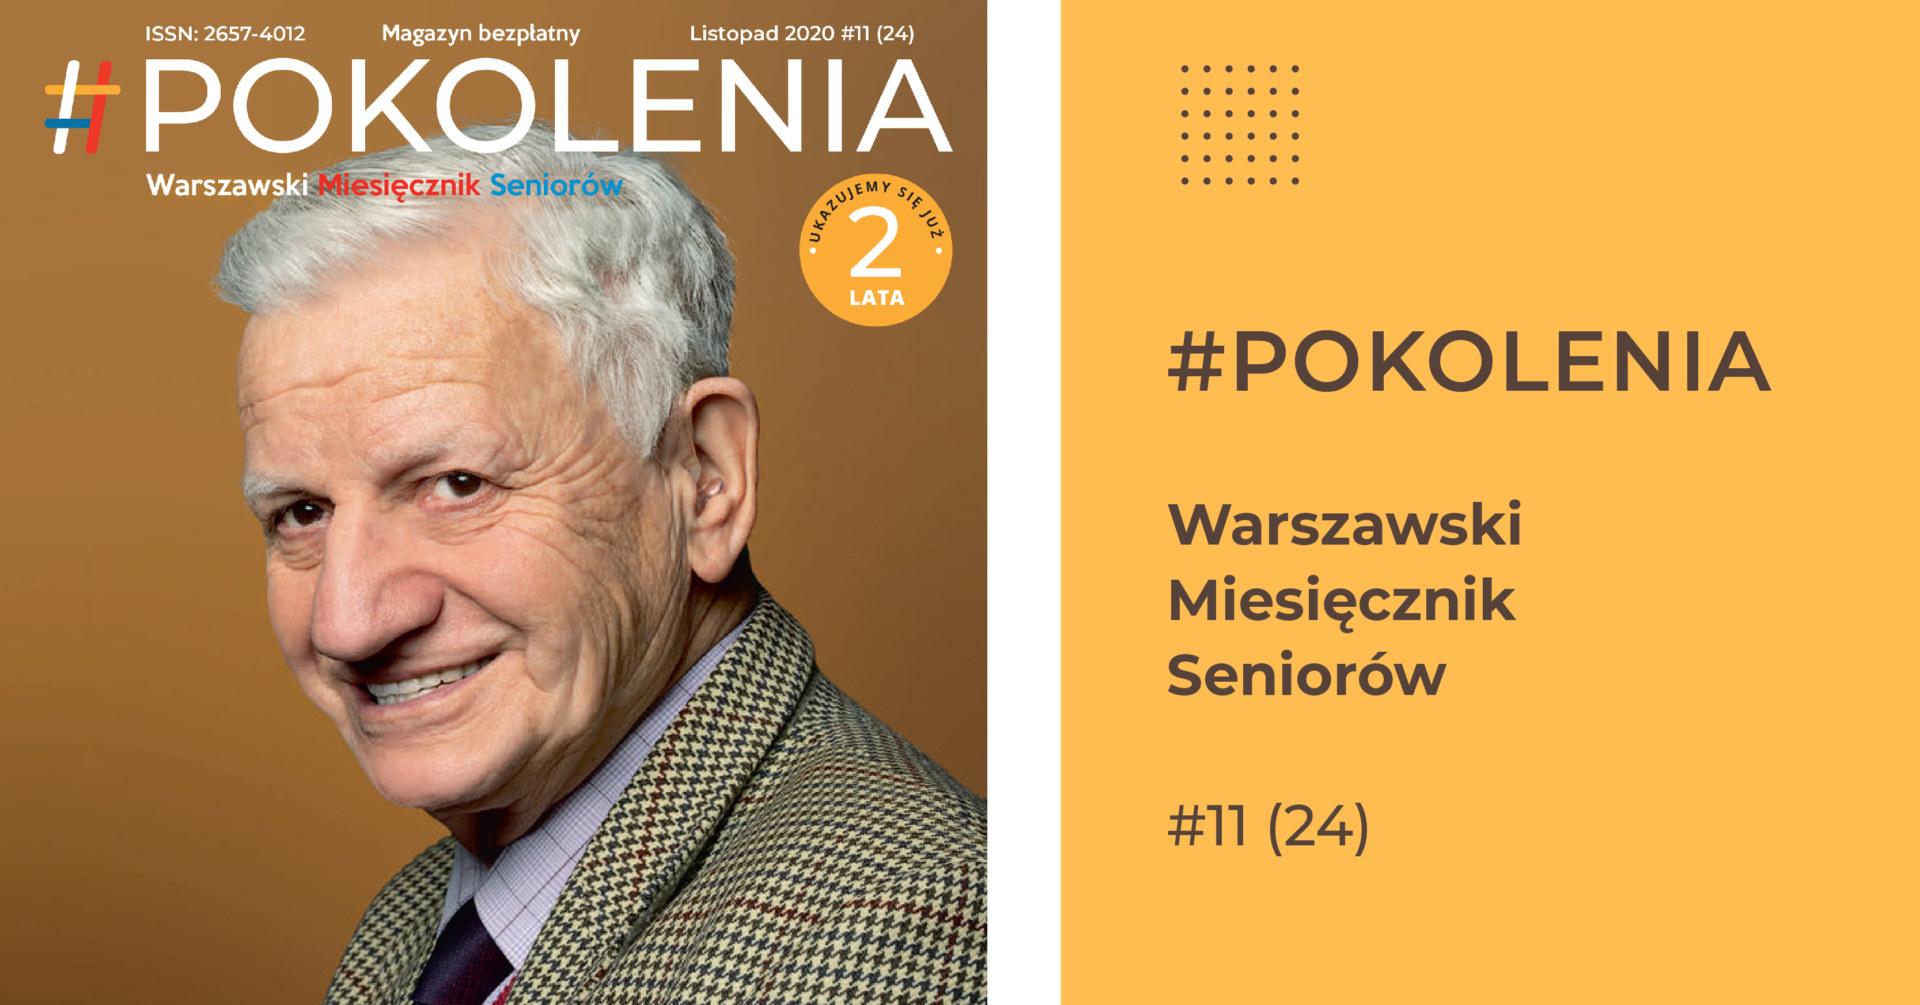 Po prawej stronie zdjęcie starszego, uśmiechniętego mężczyzny. Po prawej żółta plansza z napisem.